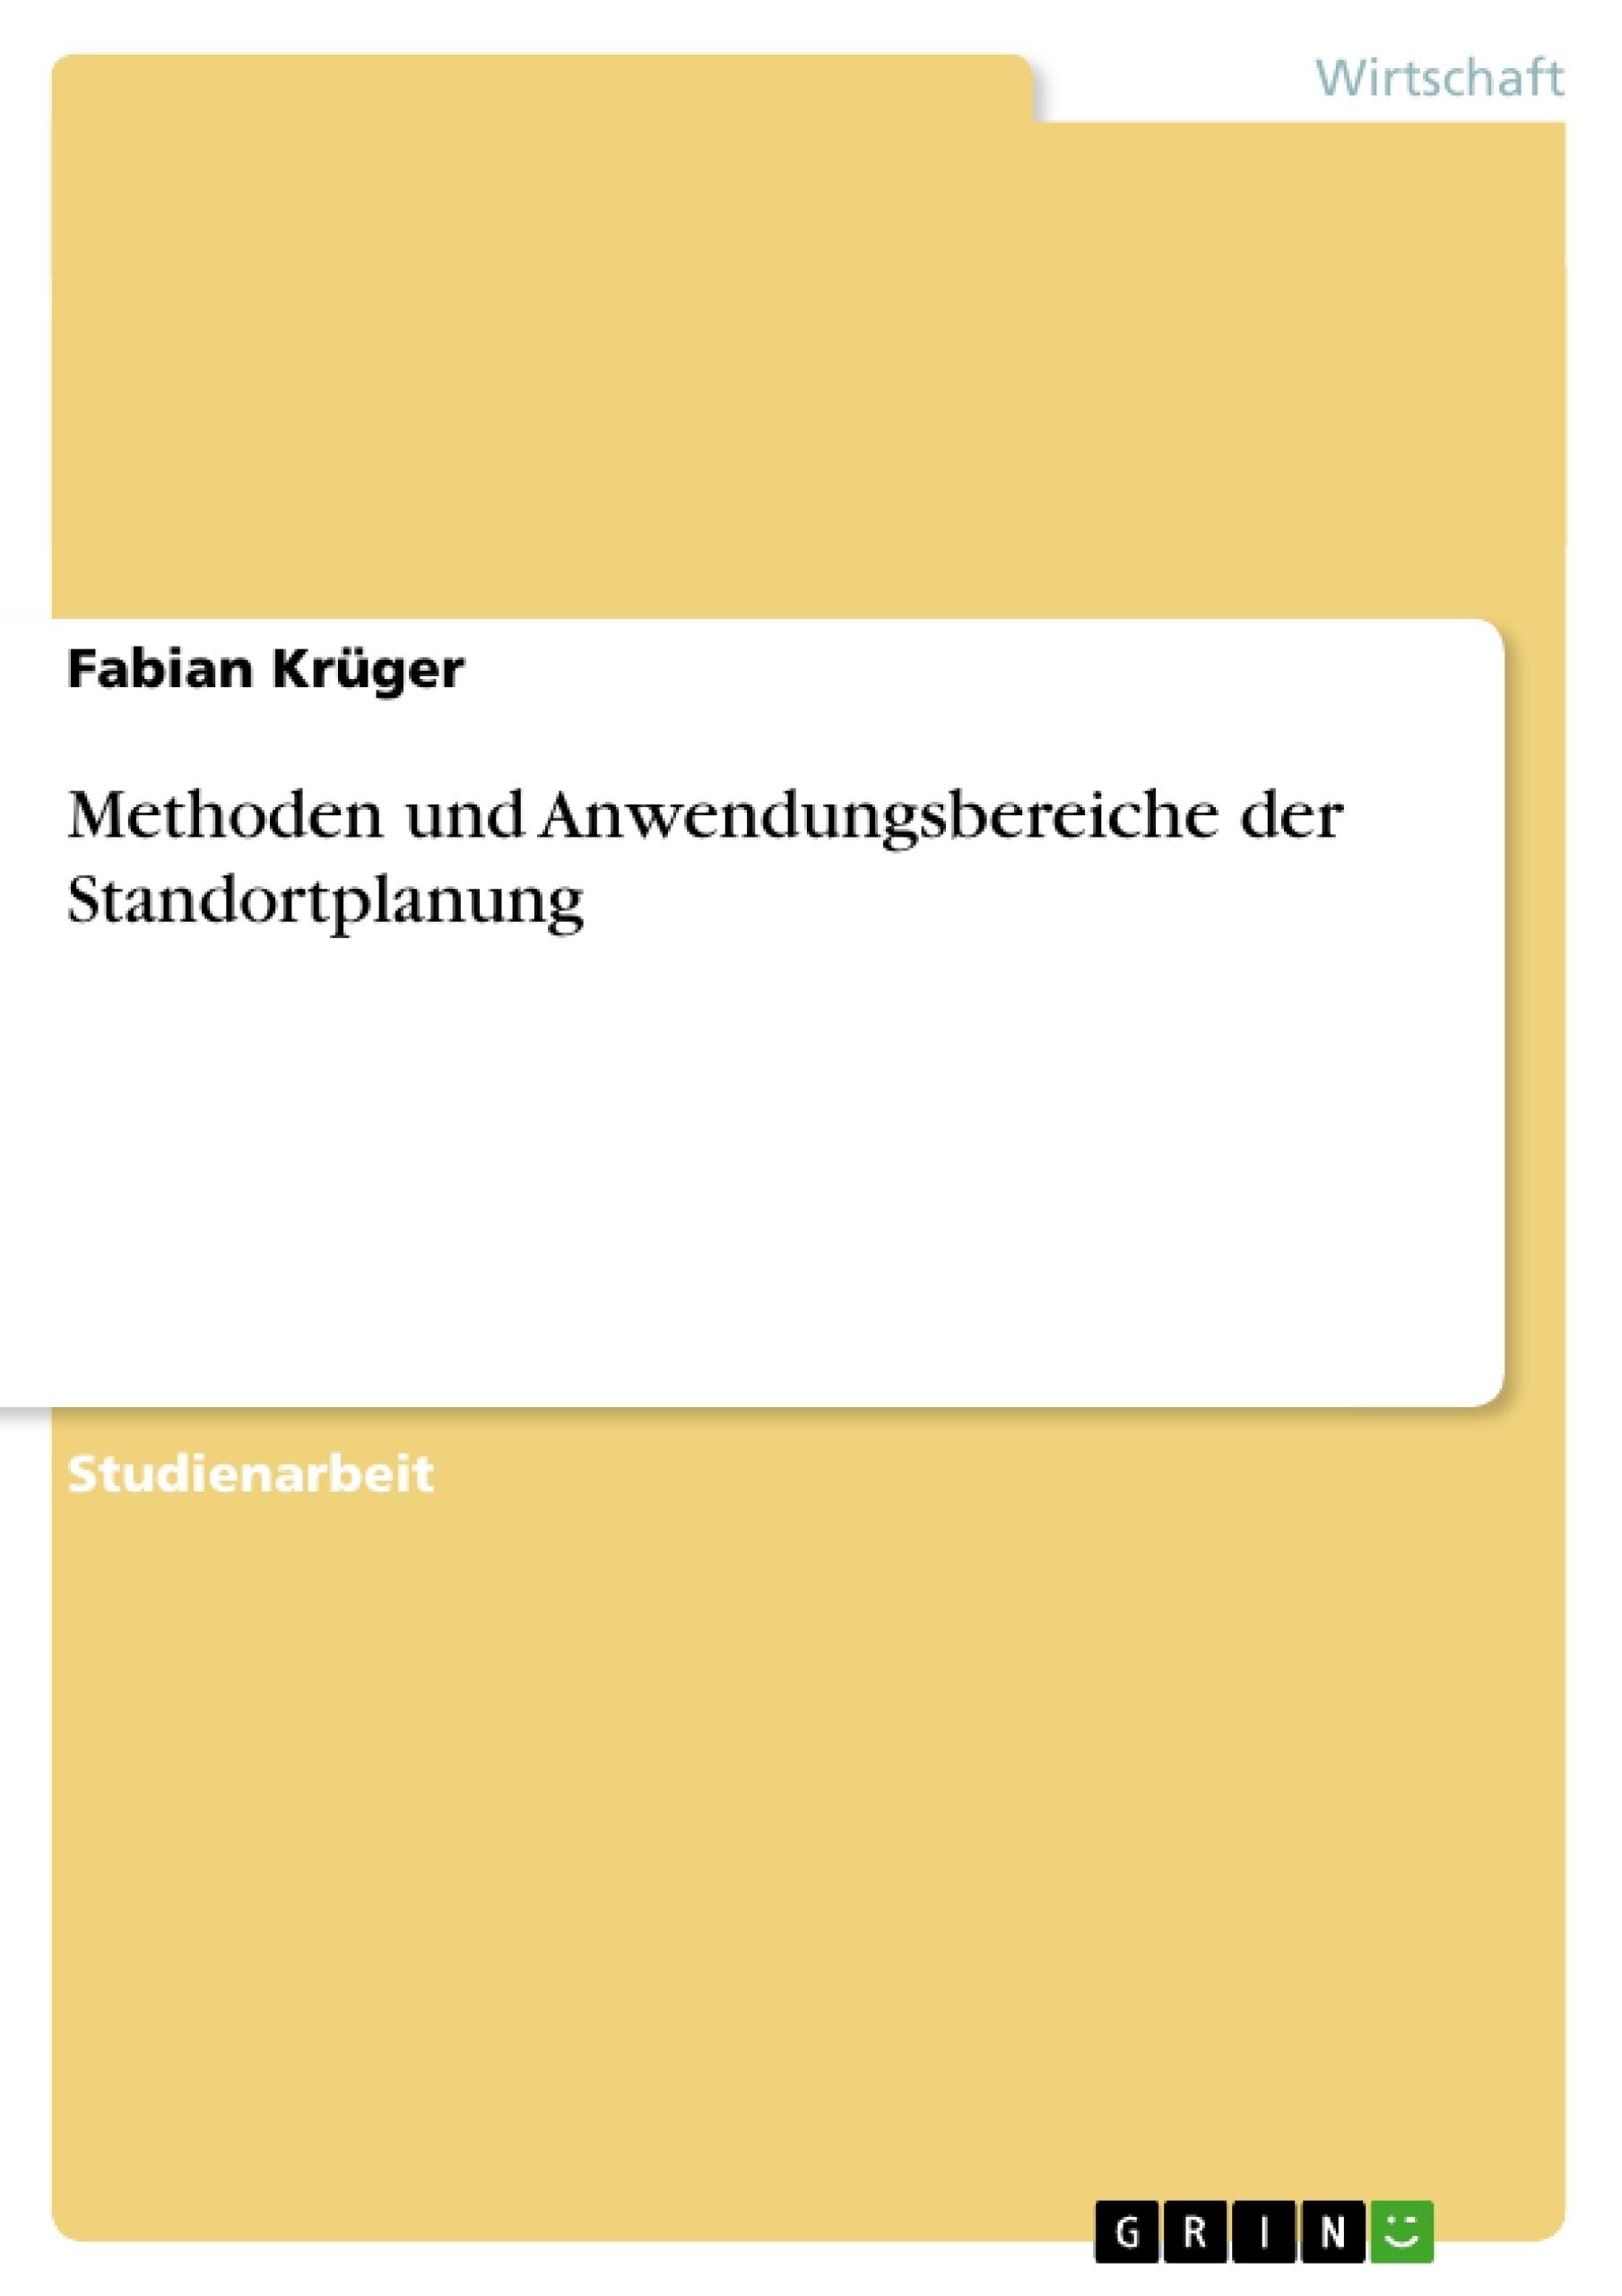 Titel: Methoden und Anwendungsbereiche der Standortplanung